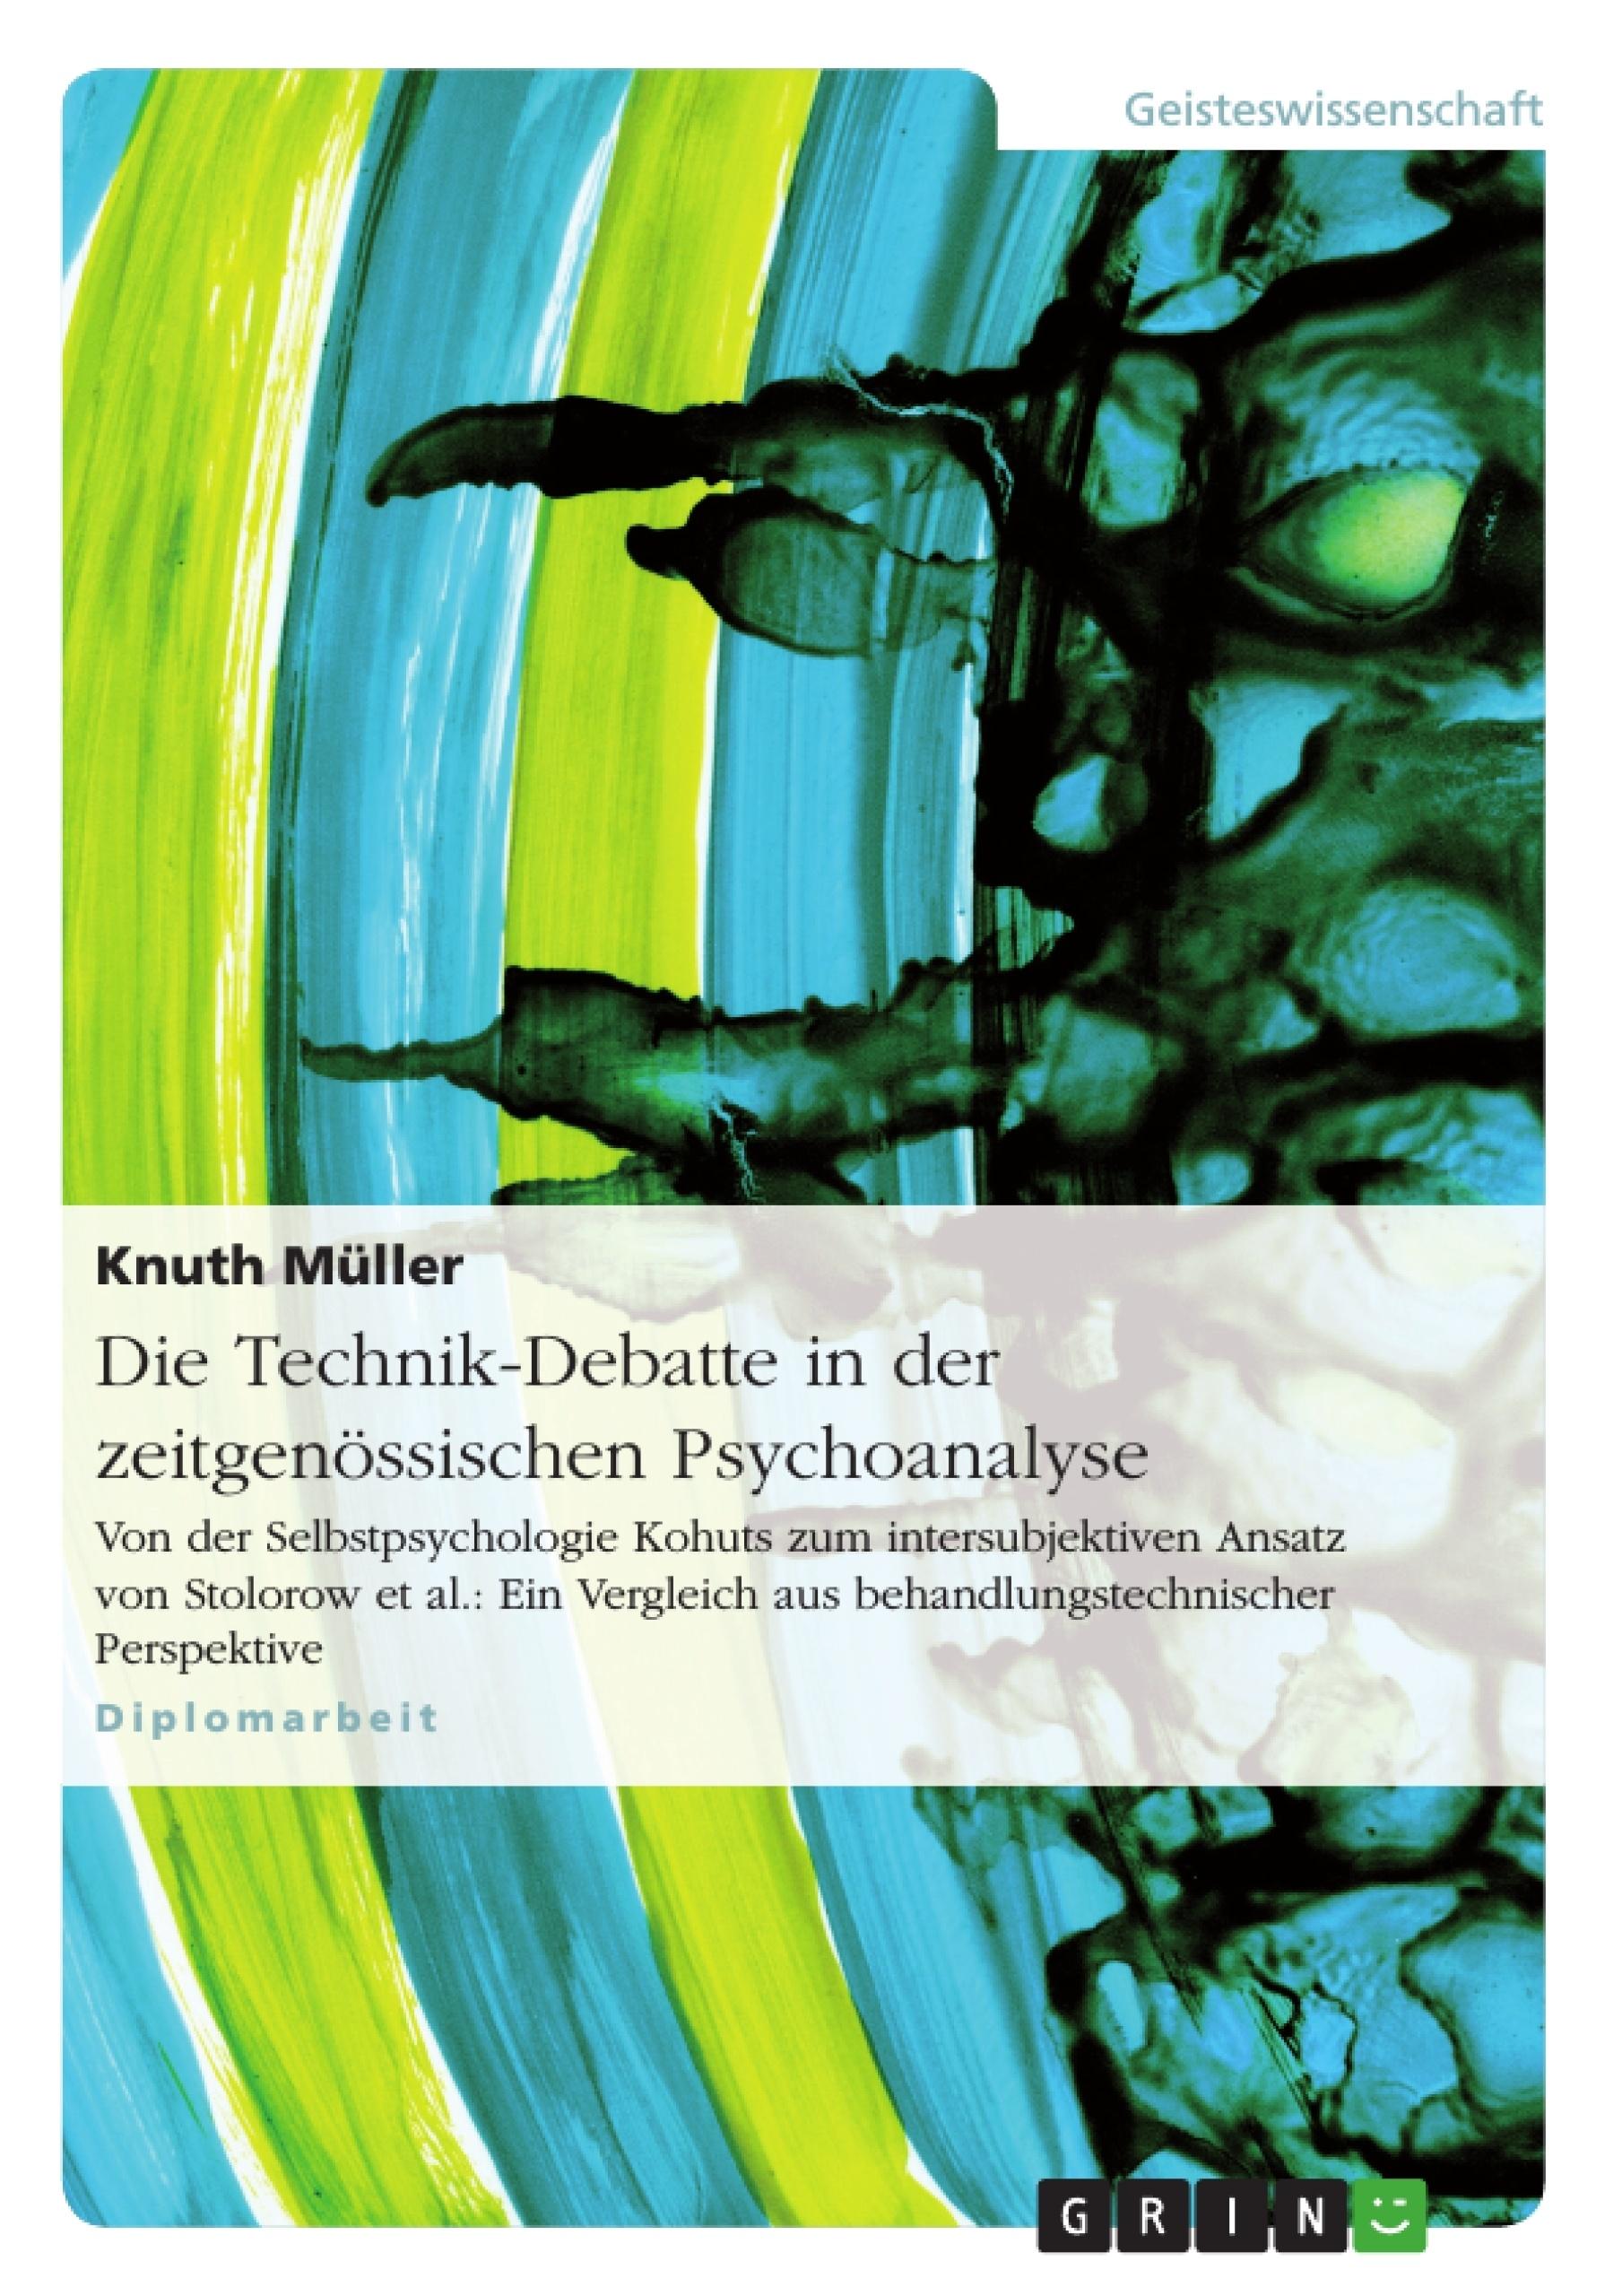 Titel: Die Technik-Debatte in der zeitgenössischen Psychoanalyse